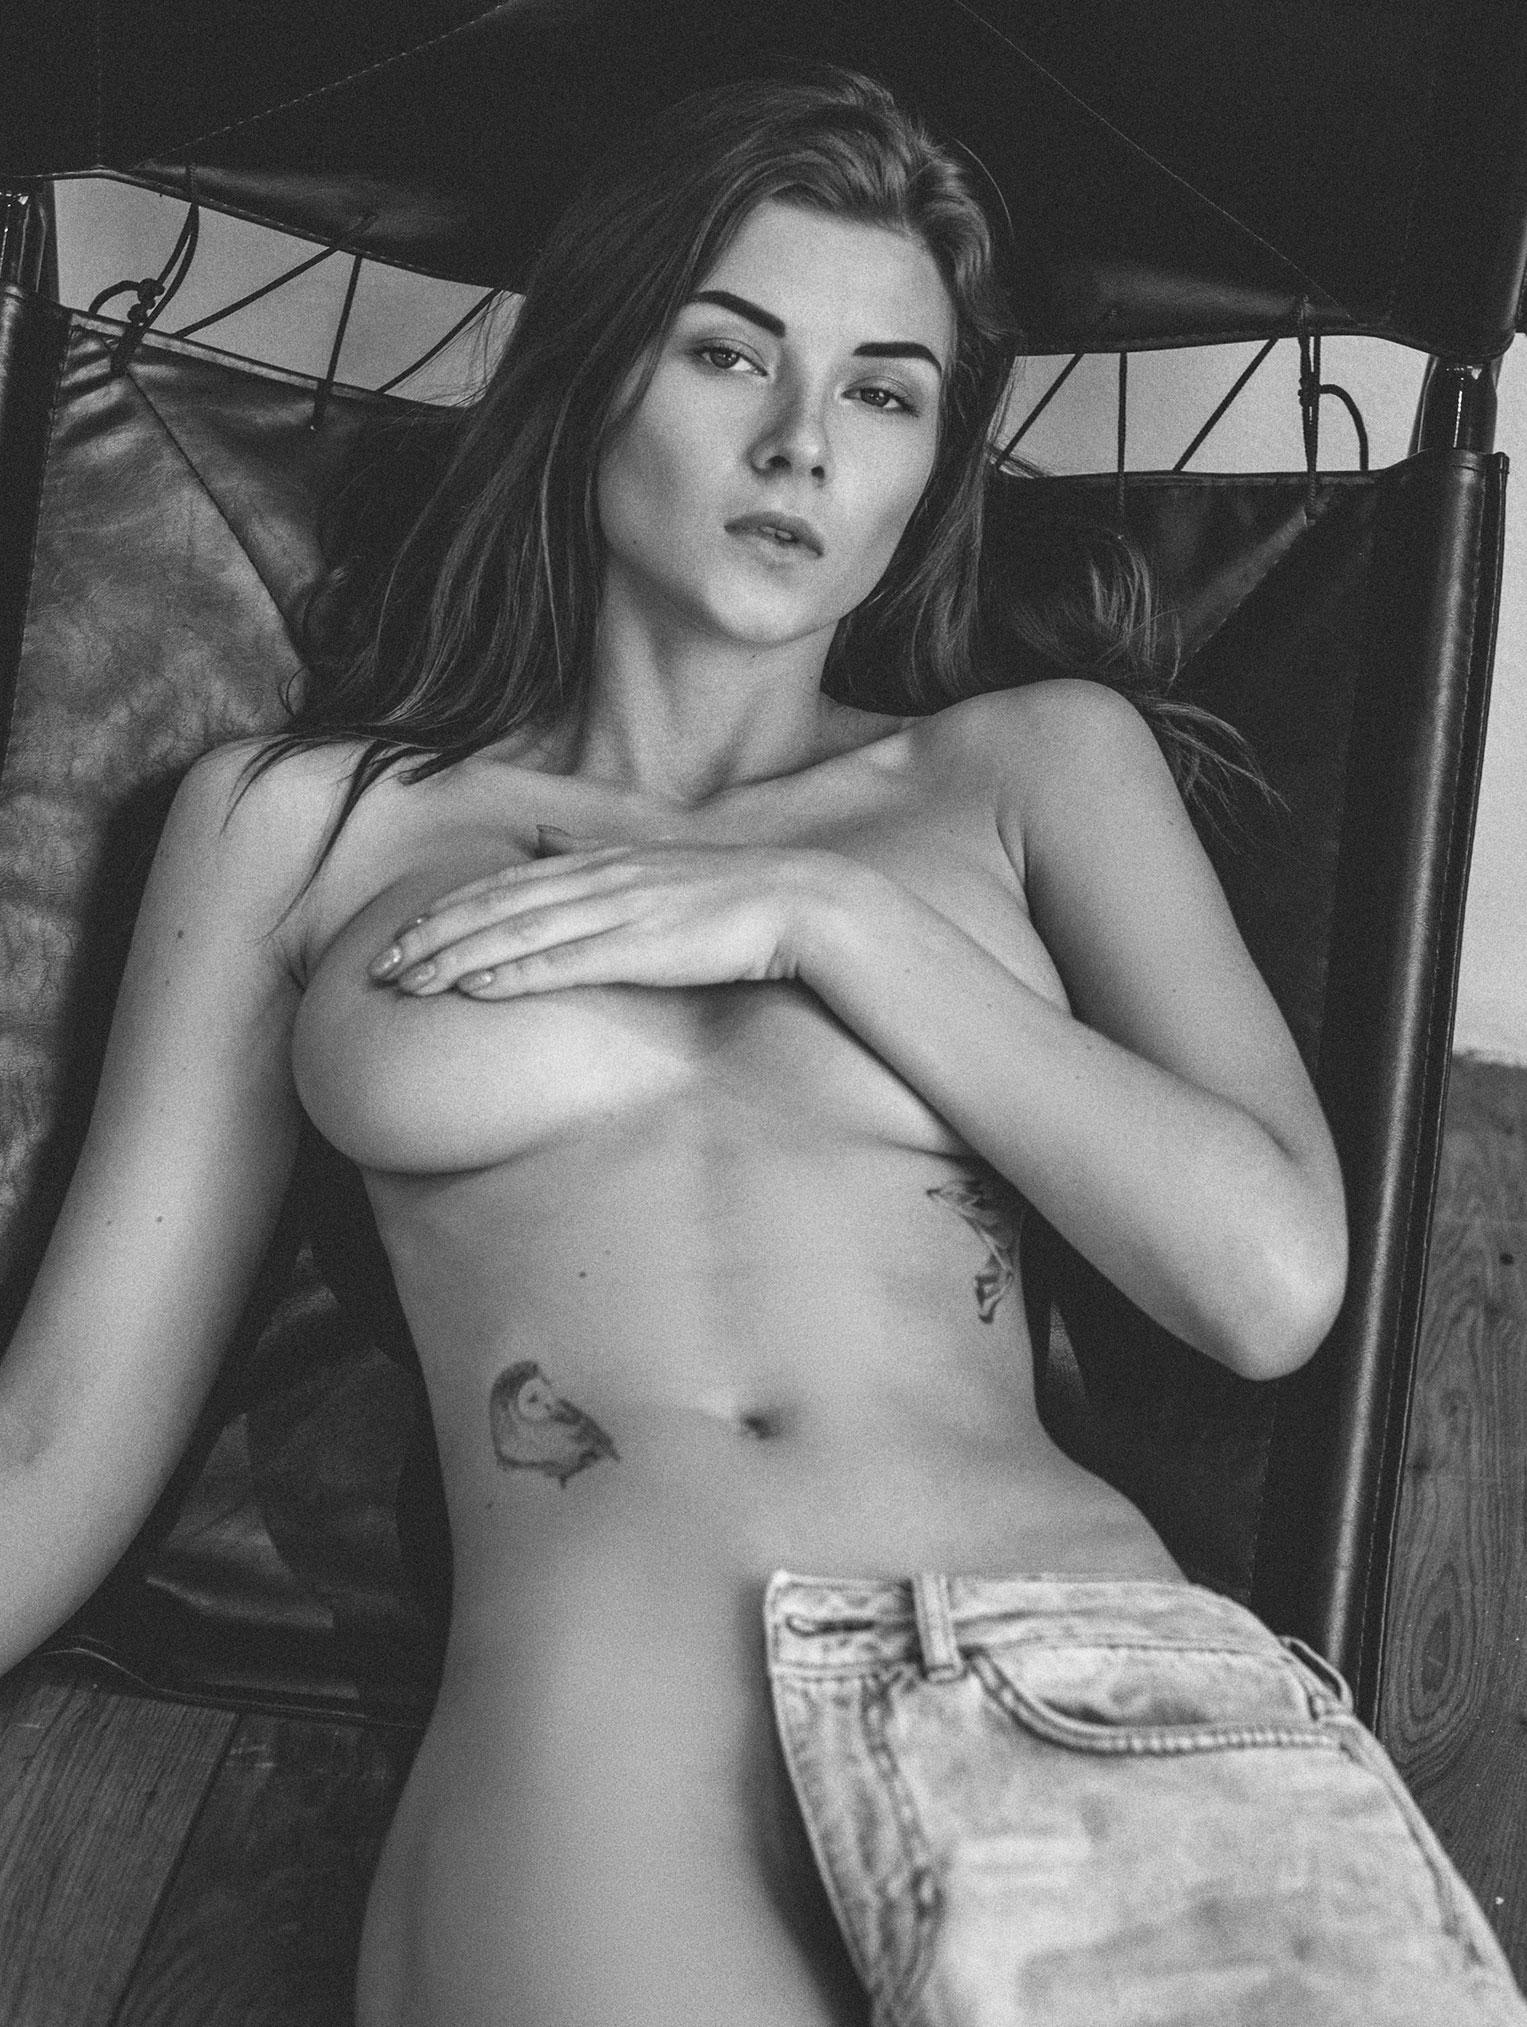 Девушка с оригинальным тату - Инга Лис / Inga Lis by Vladimir Shalyapin